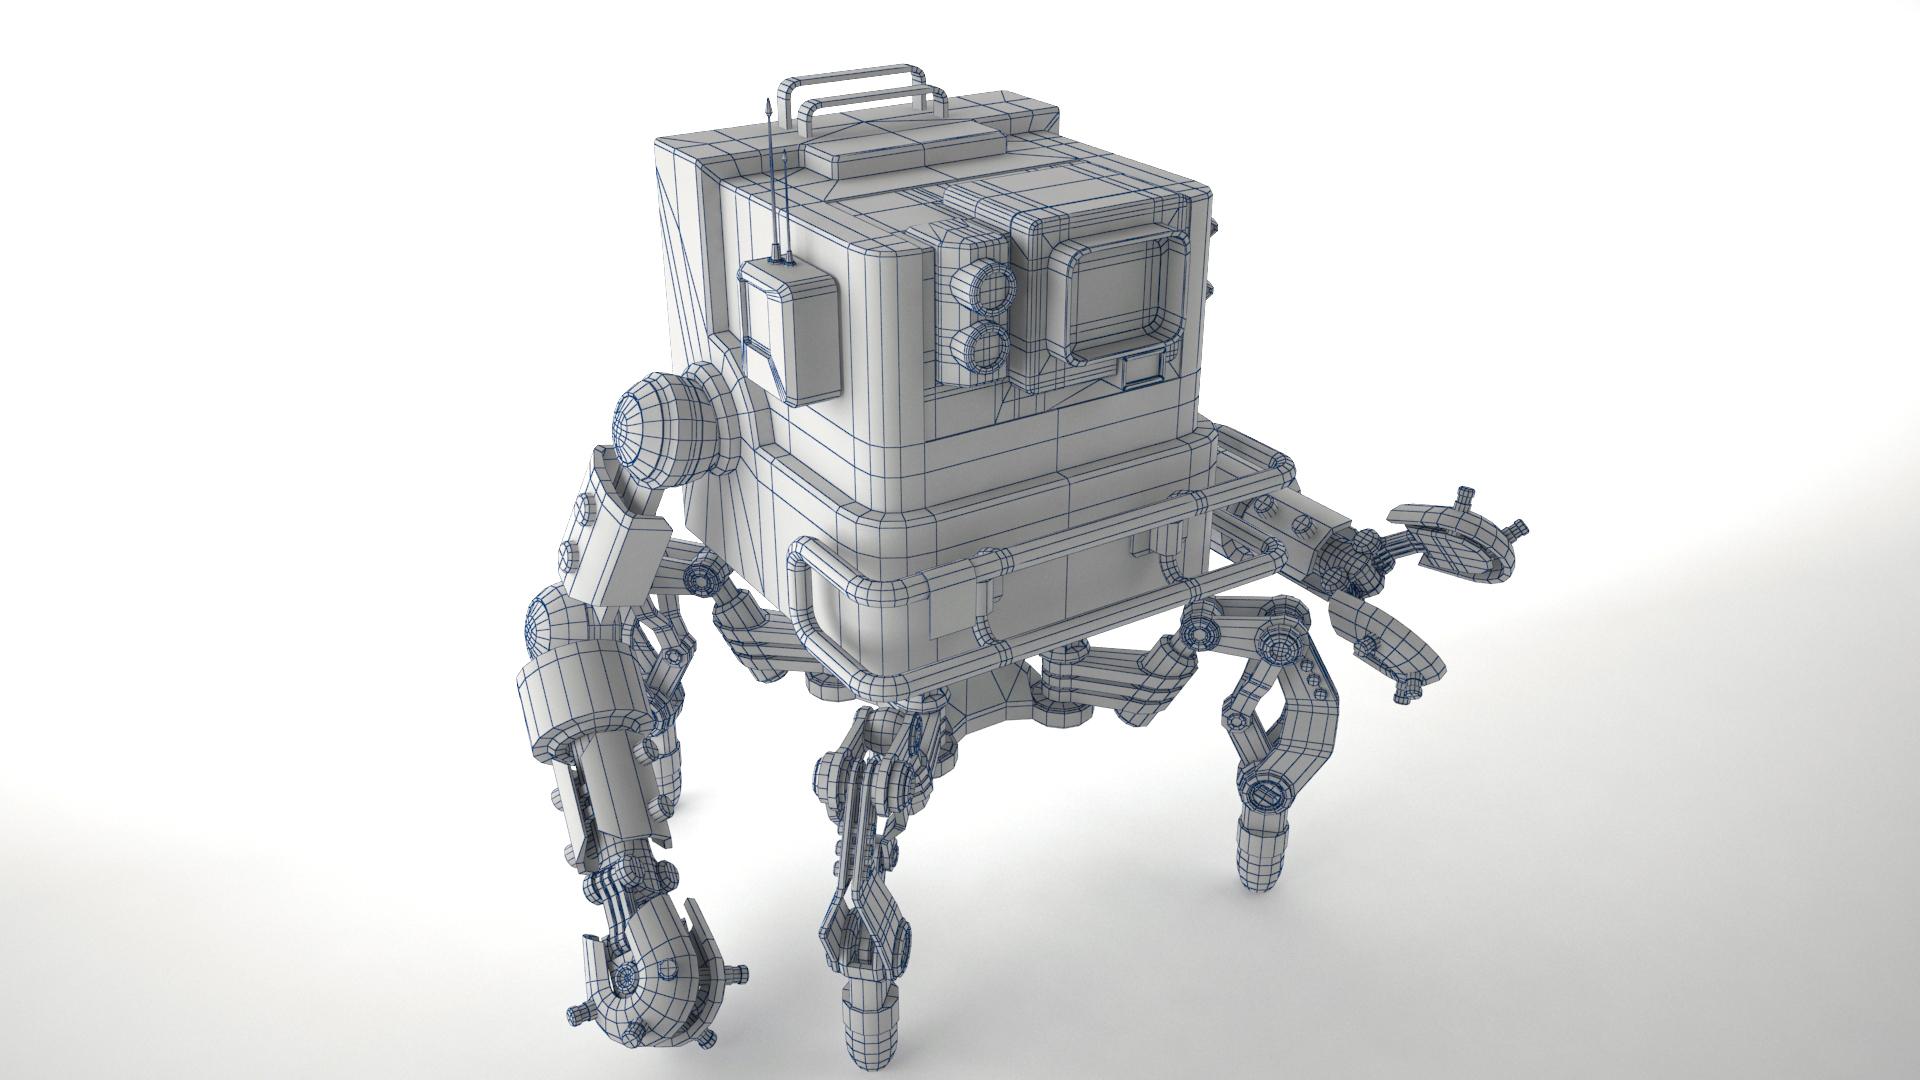 robot gsg1 3d model 3ds max fbx obj 267416